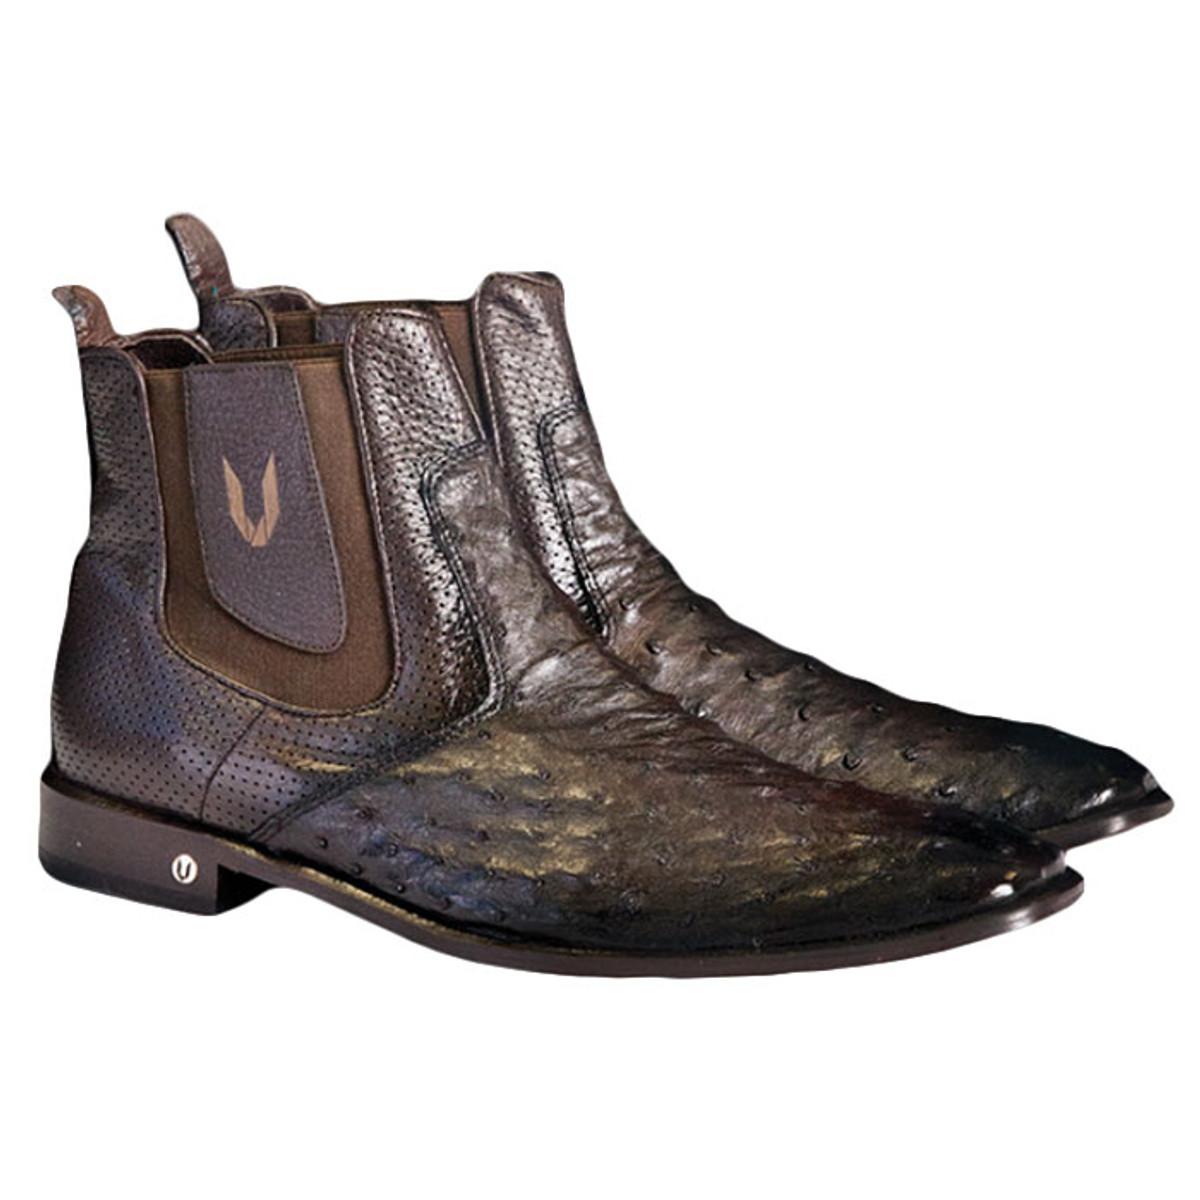 Mens's Faded Brown Ostrich Chelsea Boot Vestigium 7BV010307F